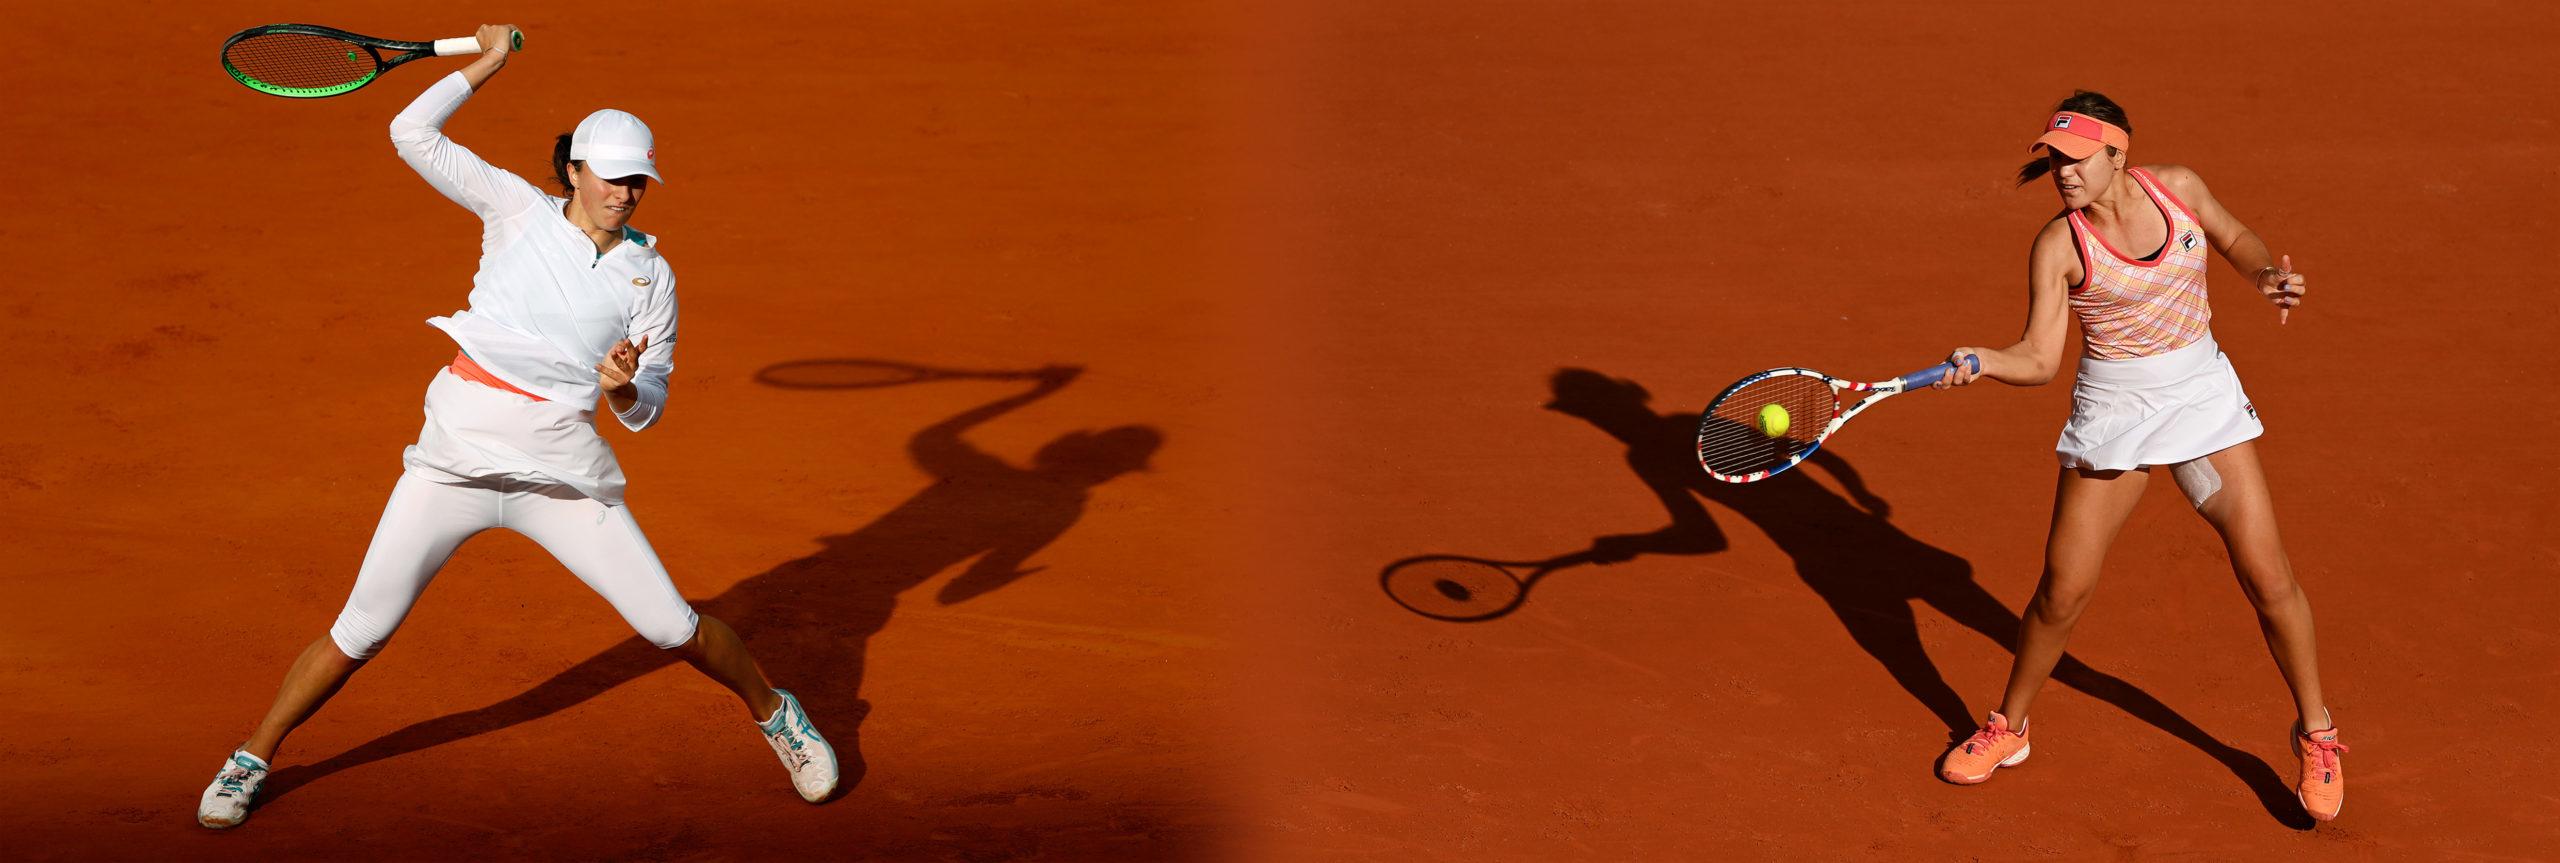 Pronostico Swiatek-Kenin: la polacca ha tutto per chiudere in bellezza il Roland Garros